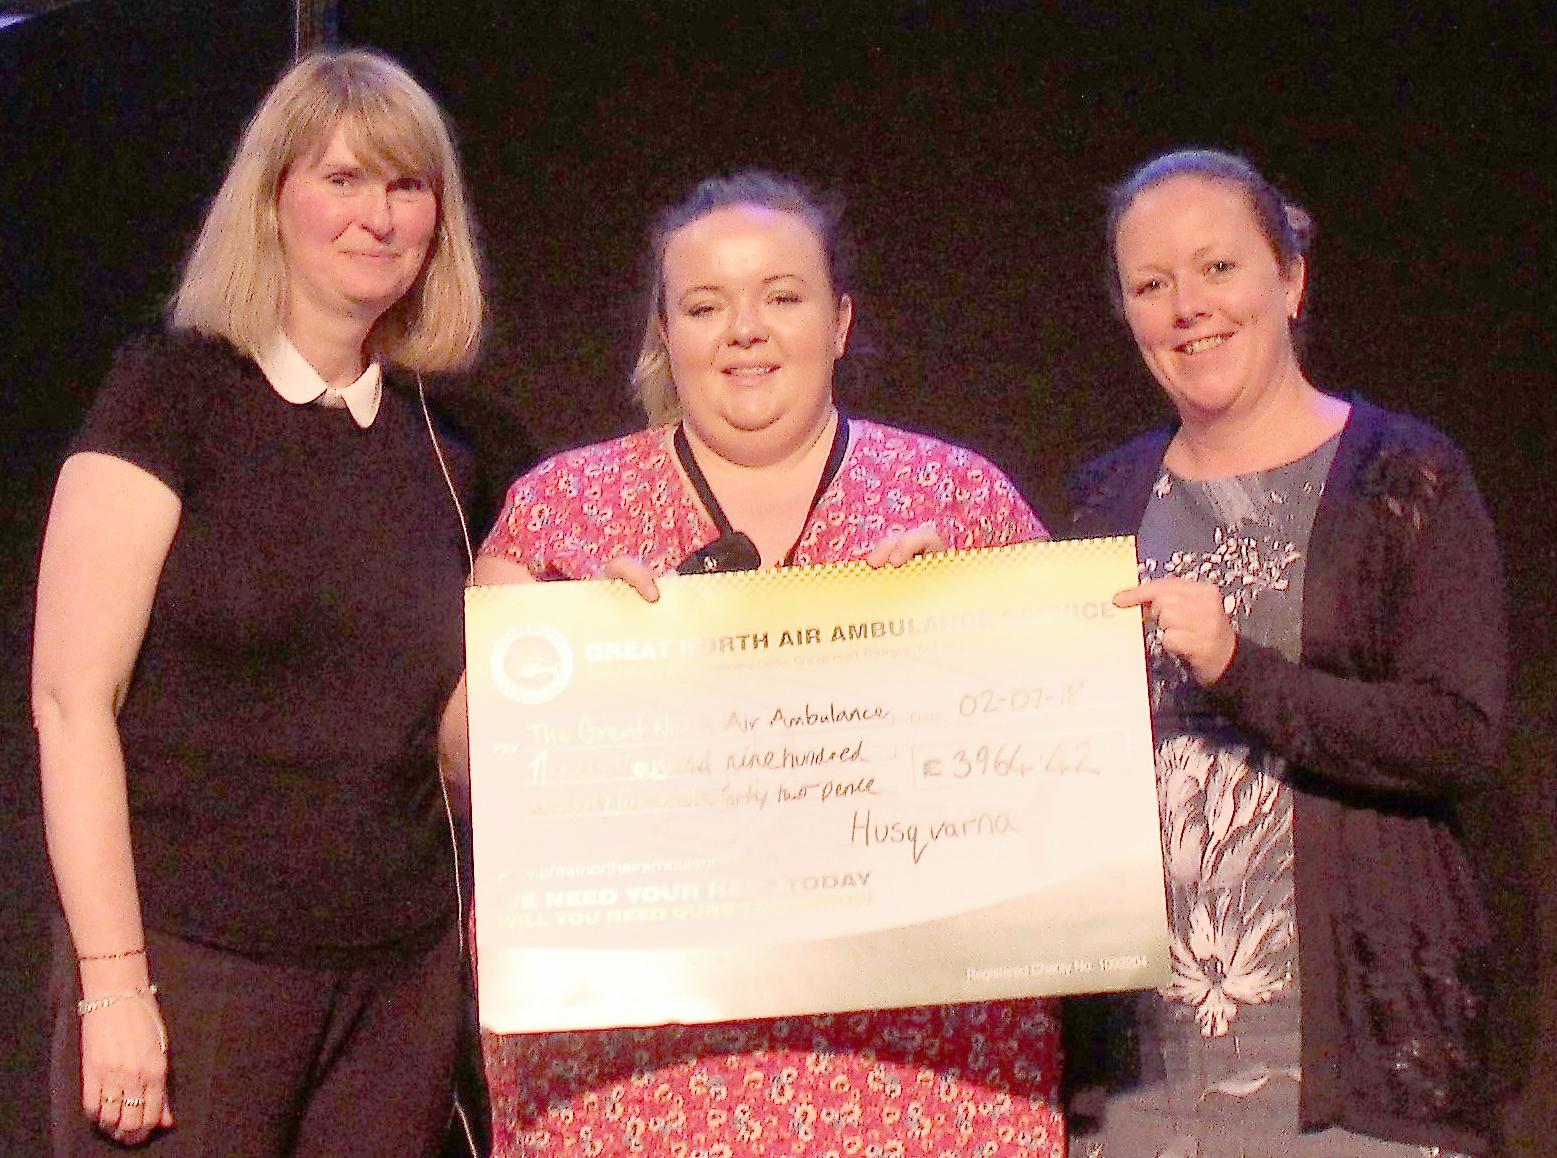 Husqvarna Raise £3,964 for Air Ambulance